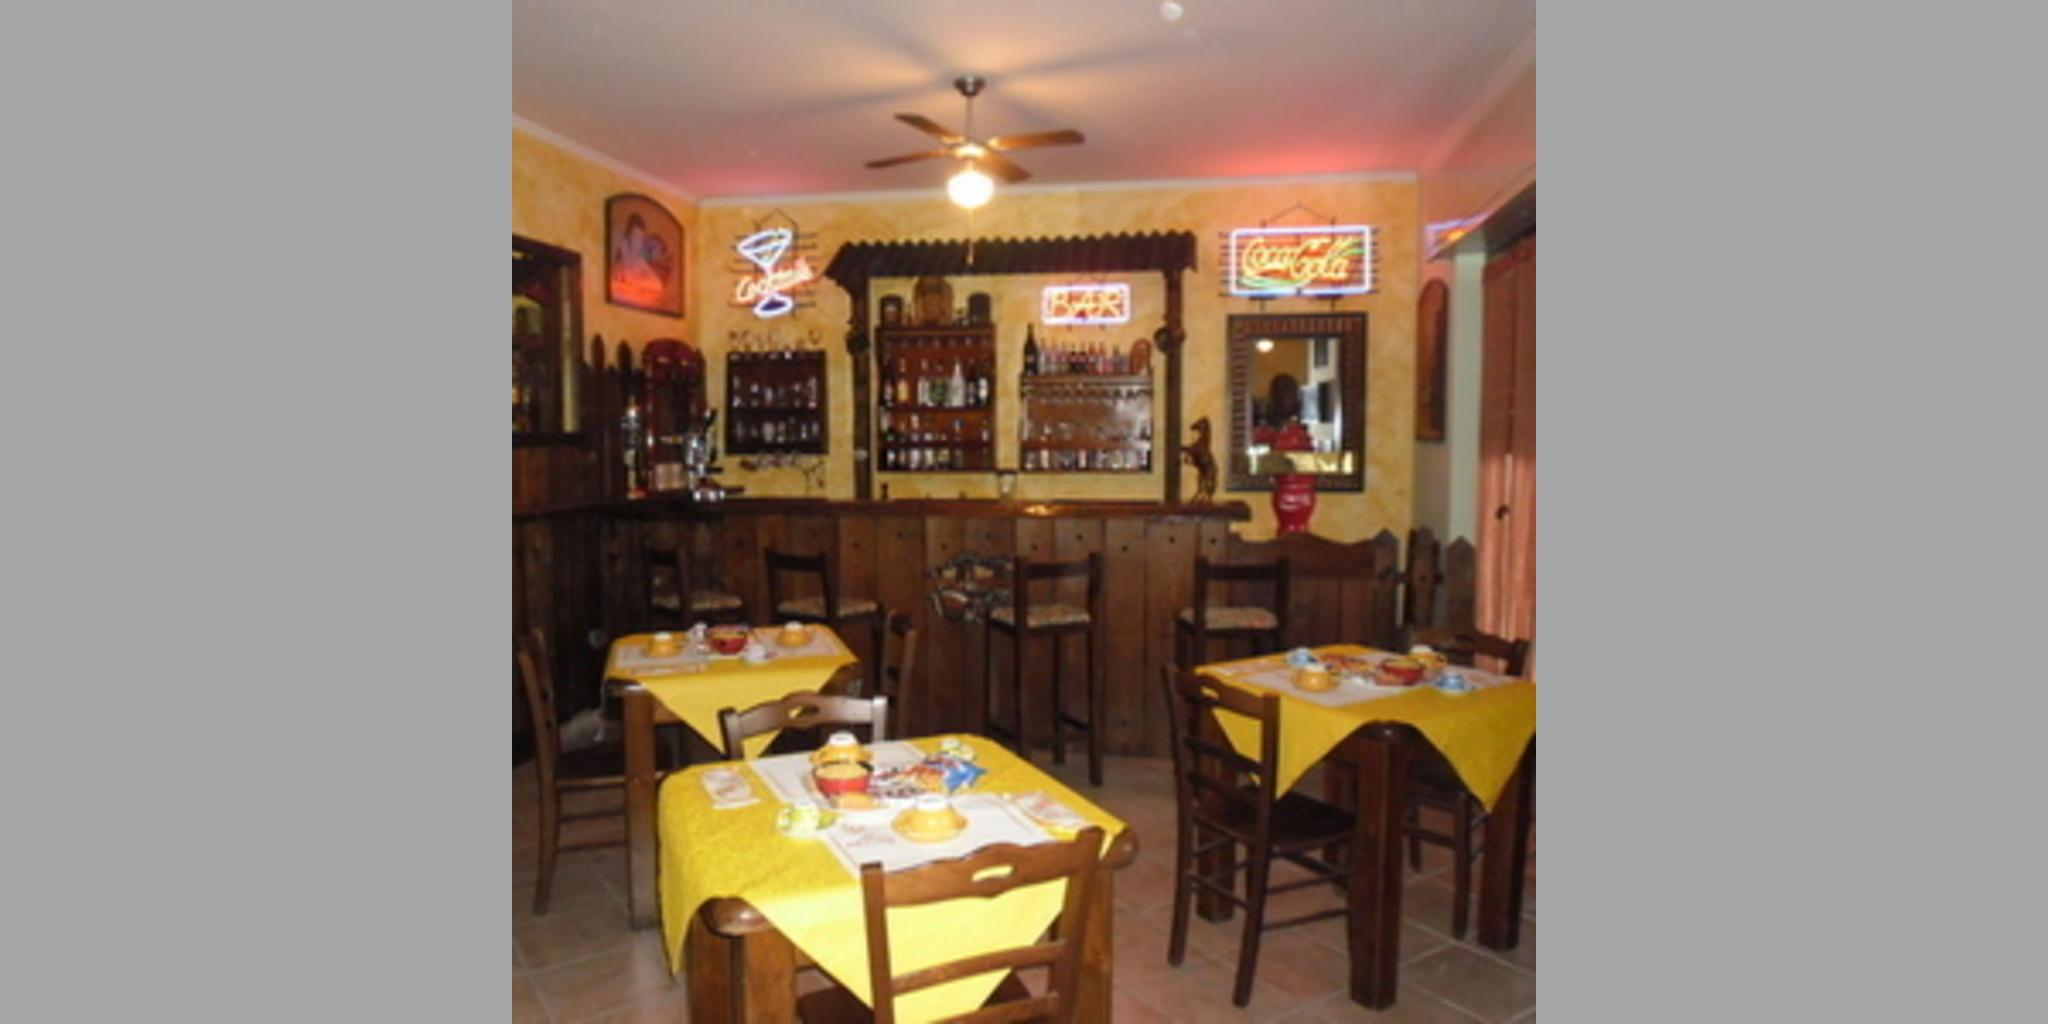 Bed & Breakfast San Gregorio Di Catania - San Gregorio Di Catania